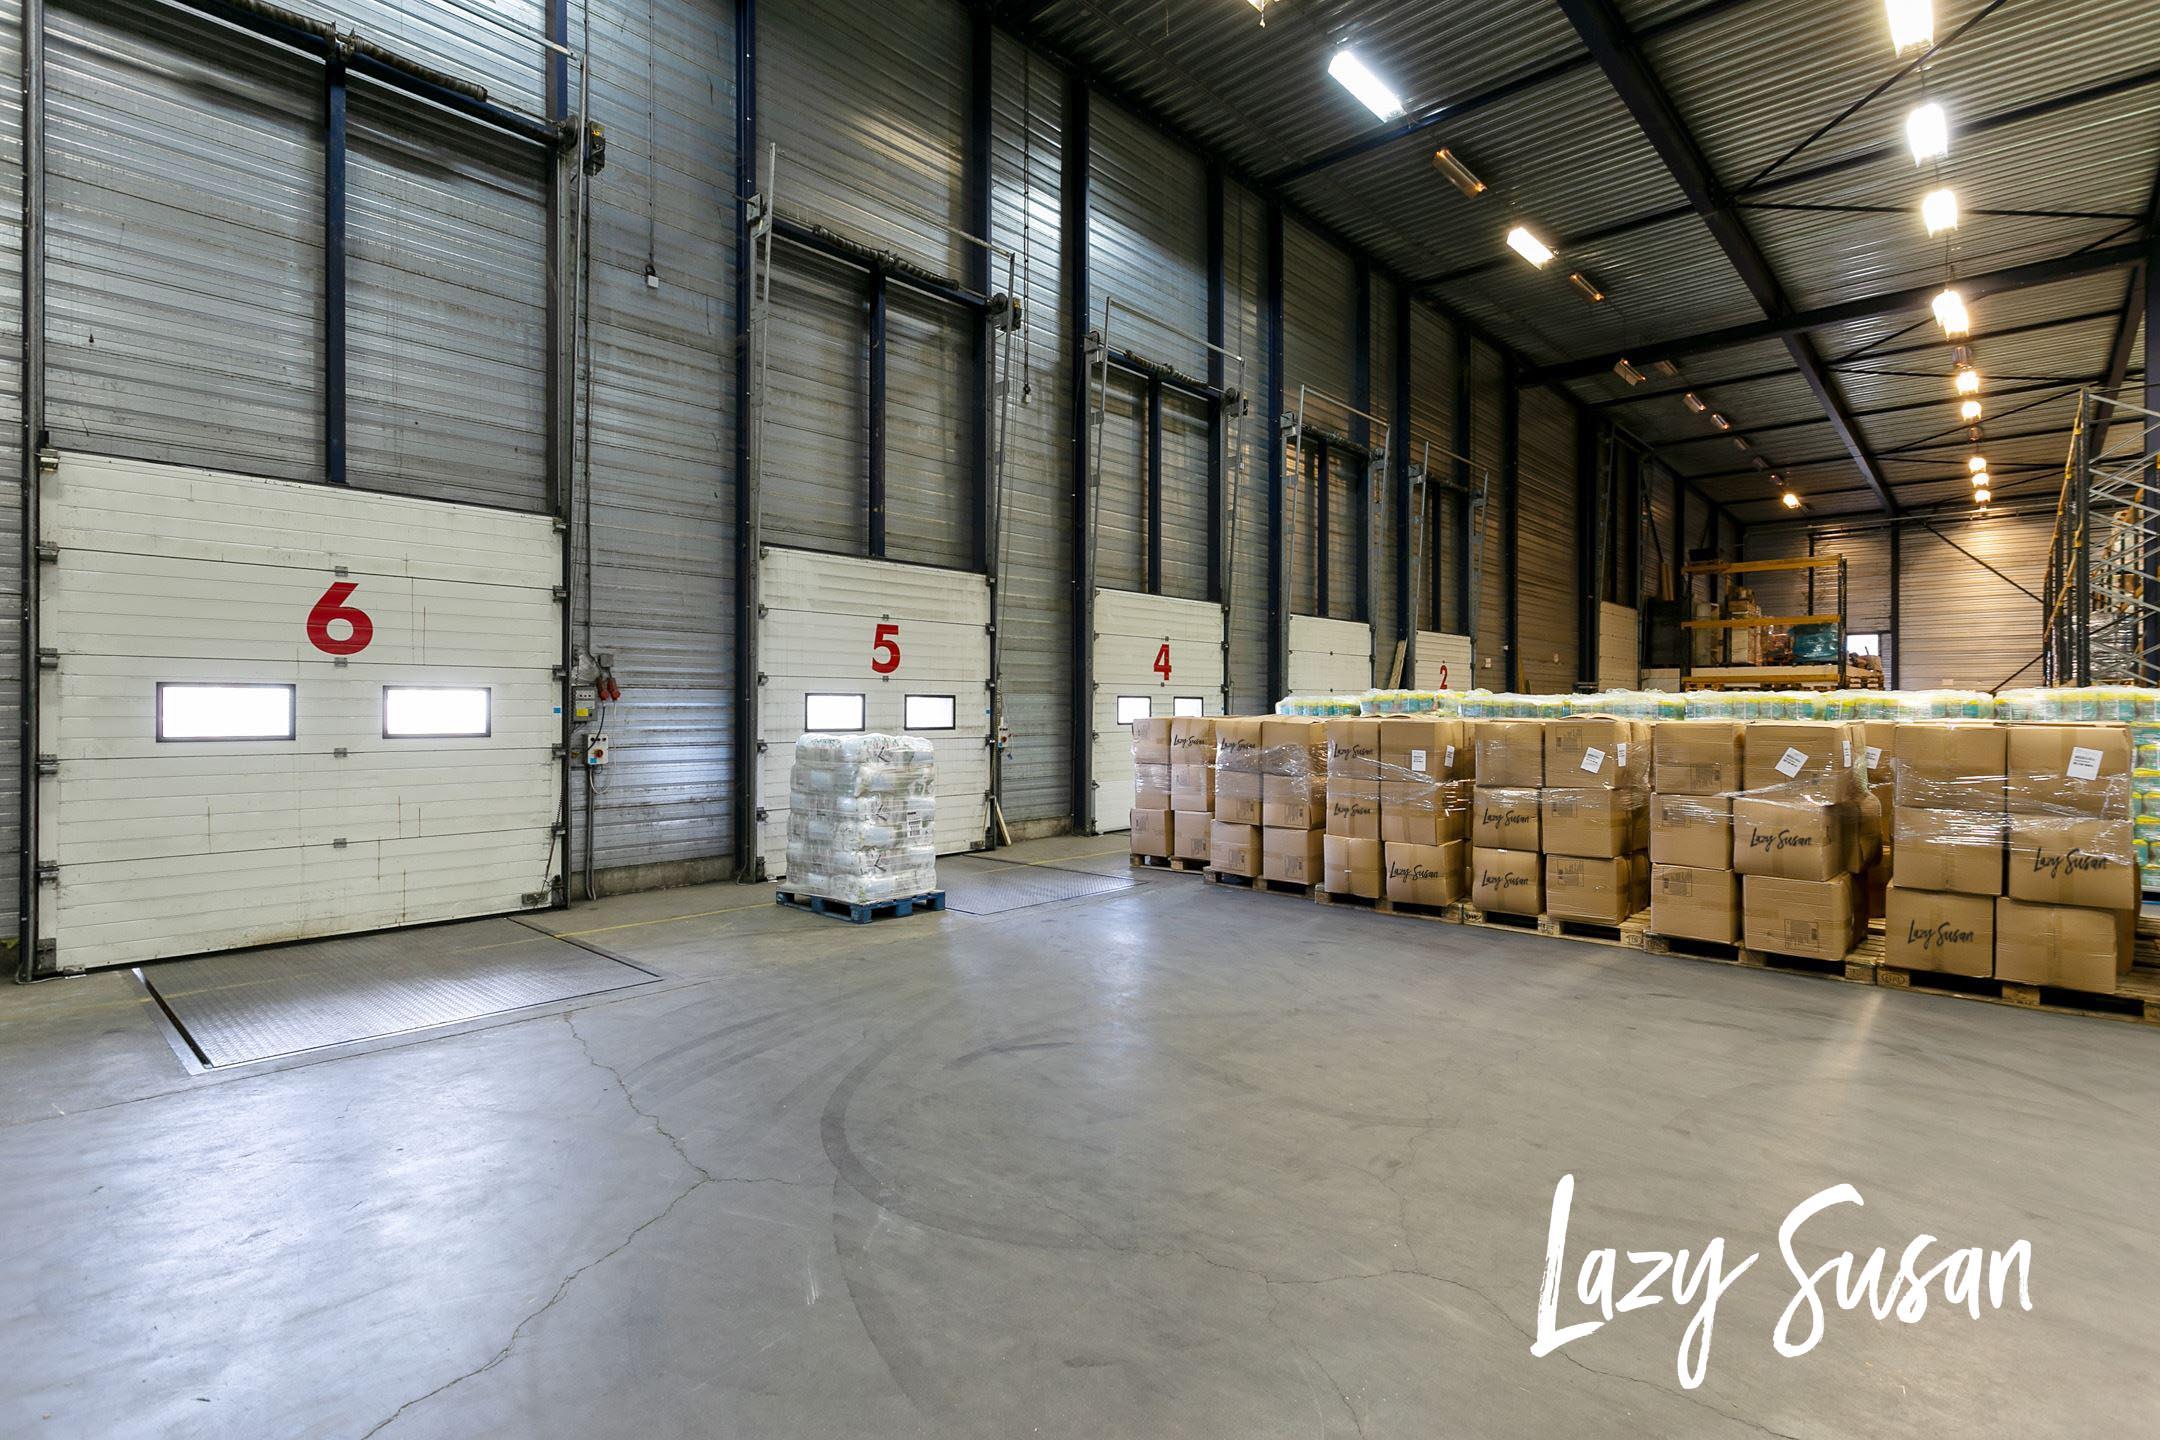 We hebben gekozen voor een ruime locatie om ervoor te zorgen dat we altijd voldoende voorraad hebben om jouw bestelling zo snel mogelijk te kunnen leveren